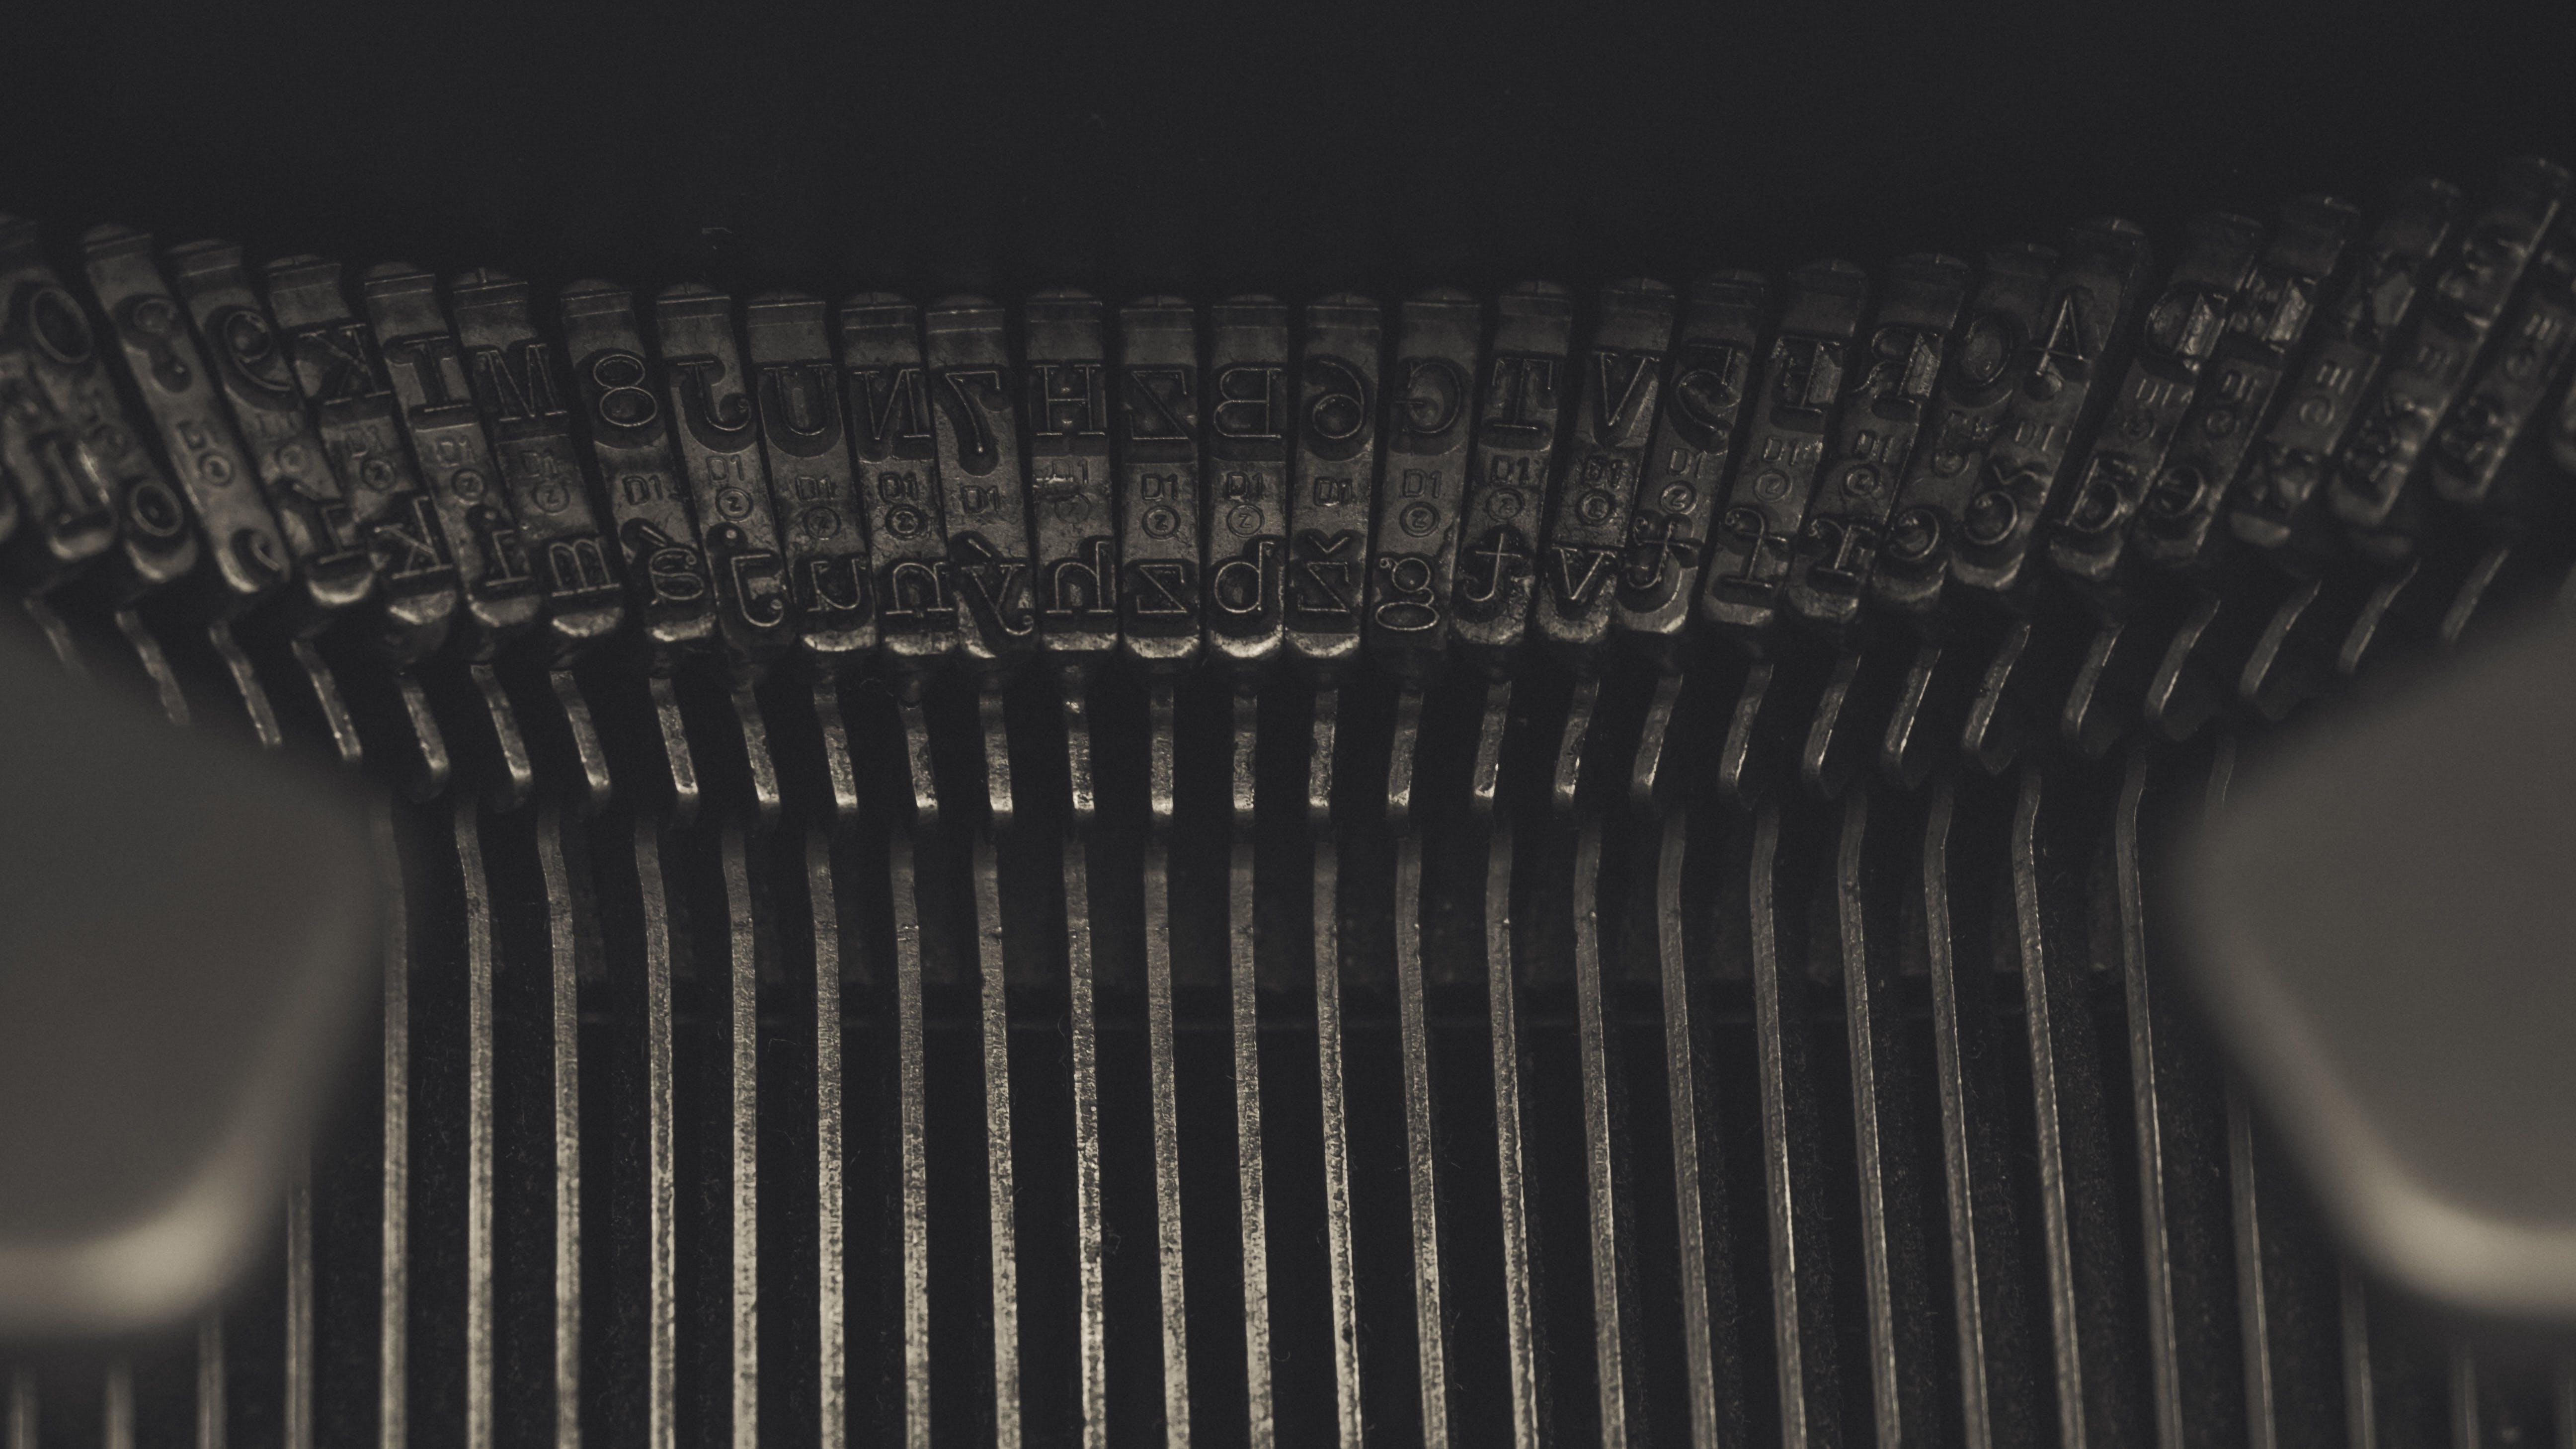 Close-up Photo of Typewriter